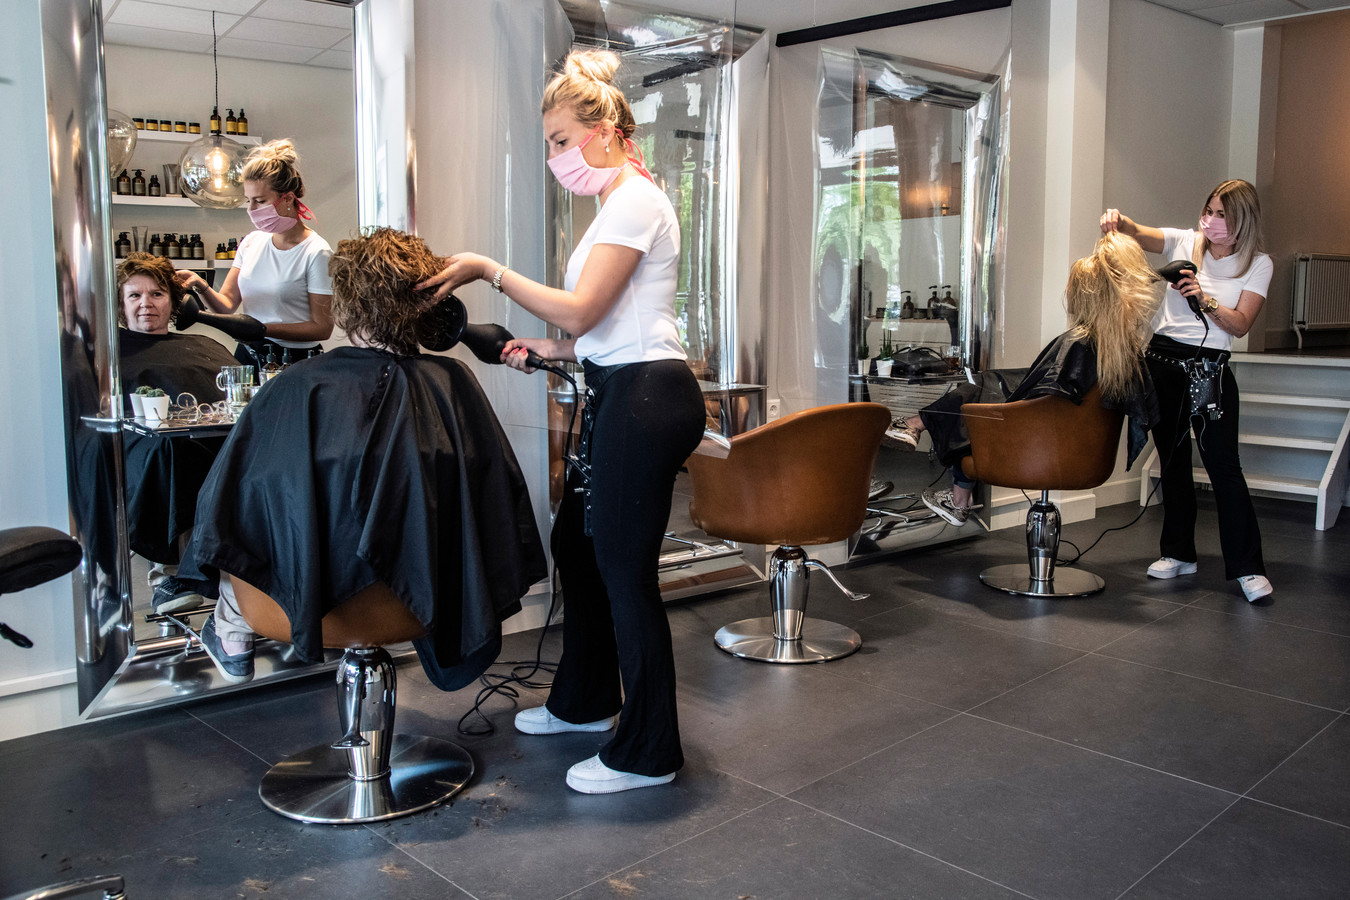 Archieffoto kapsalon Juliëtte Hairdressers x Trendsetters aan de Kasteellaan. Met mondkapjes uiteraard.